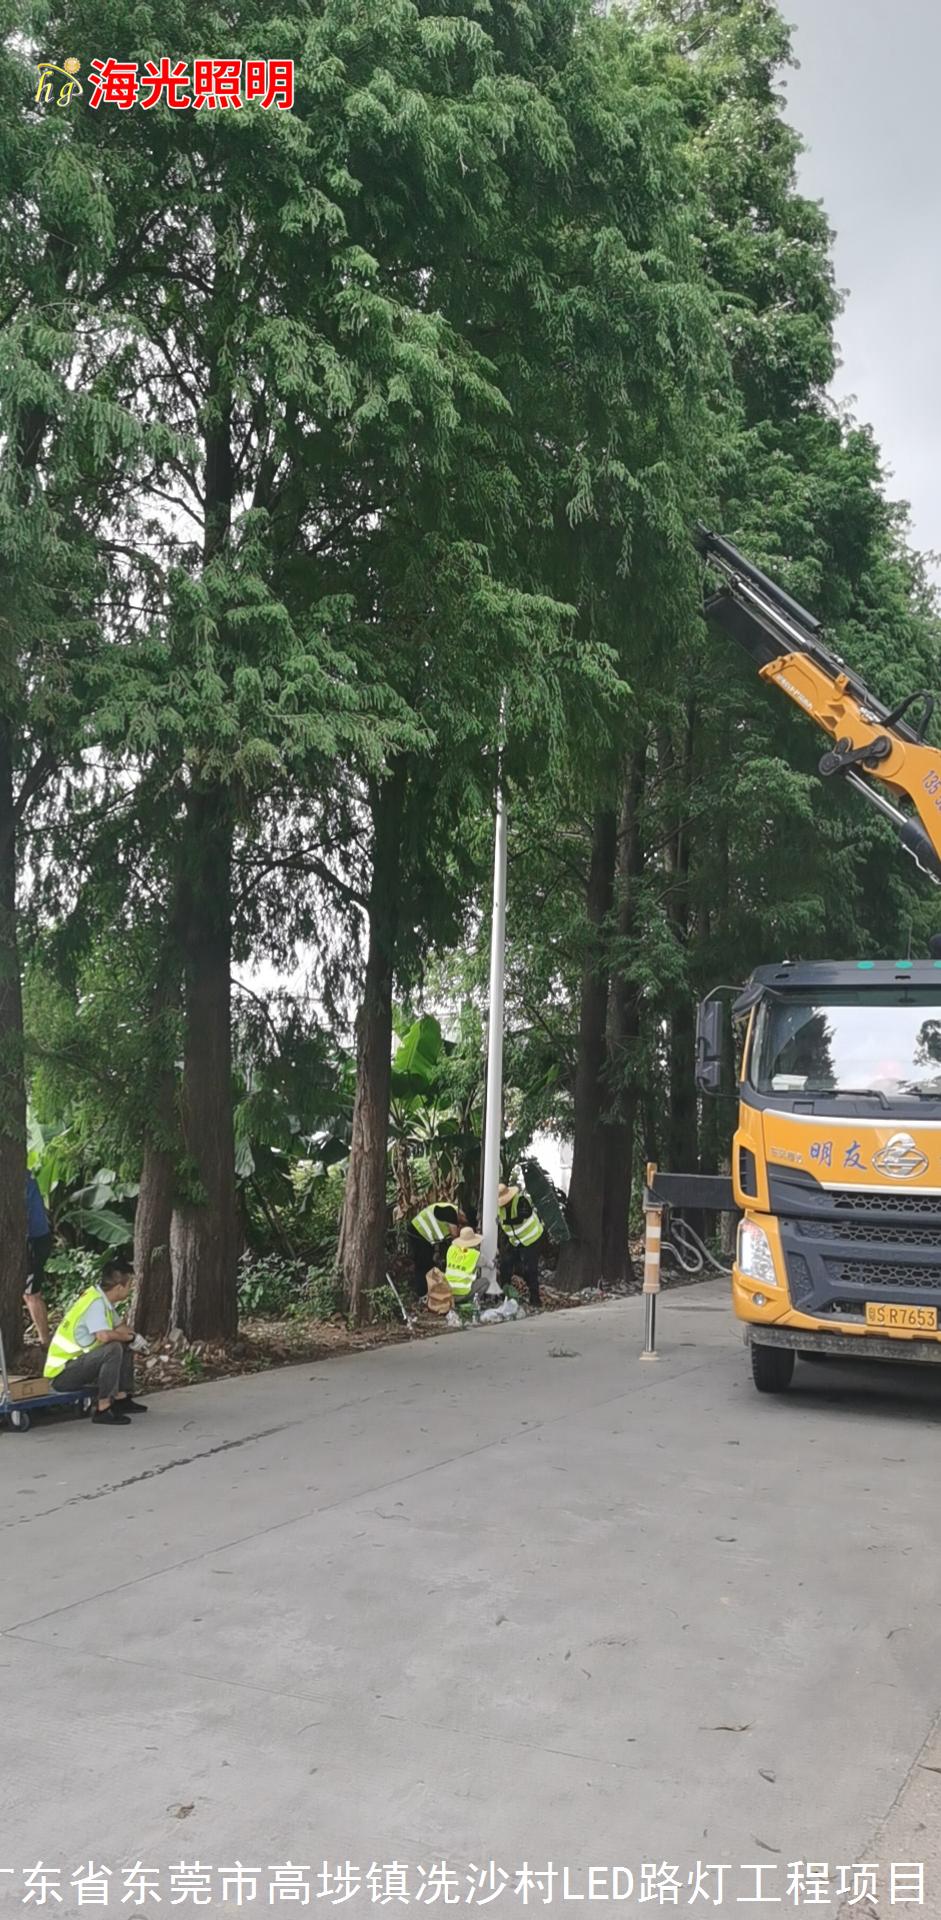 广东省东莞市高埗镇冼沙村LED路灯照明工程项目